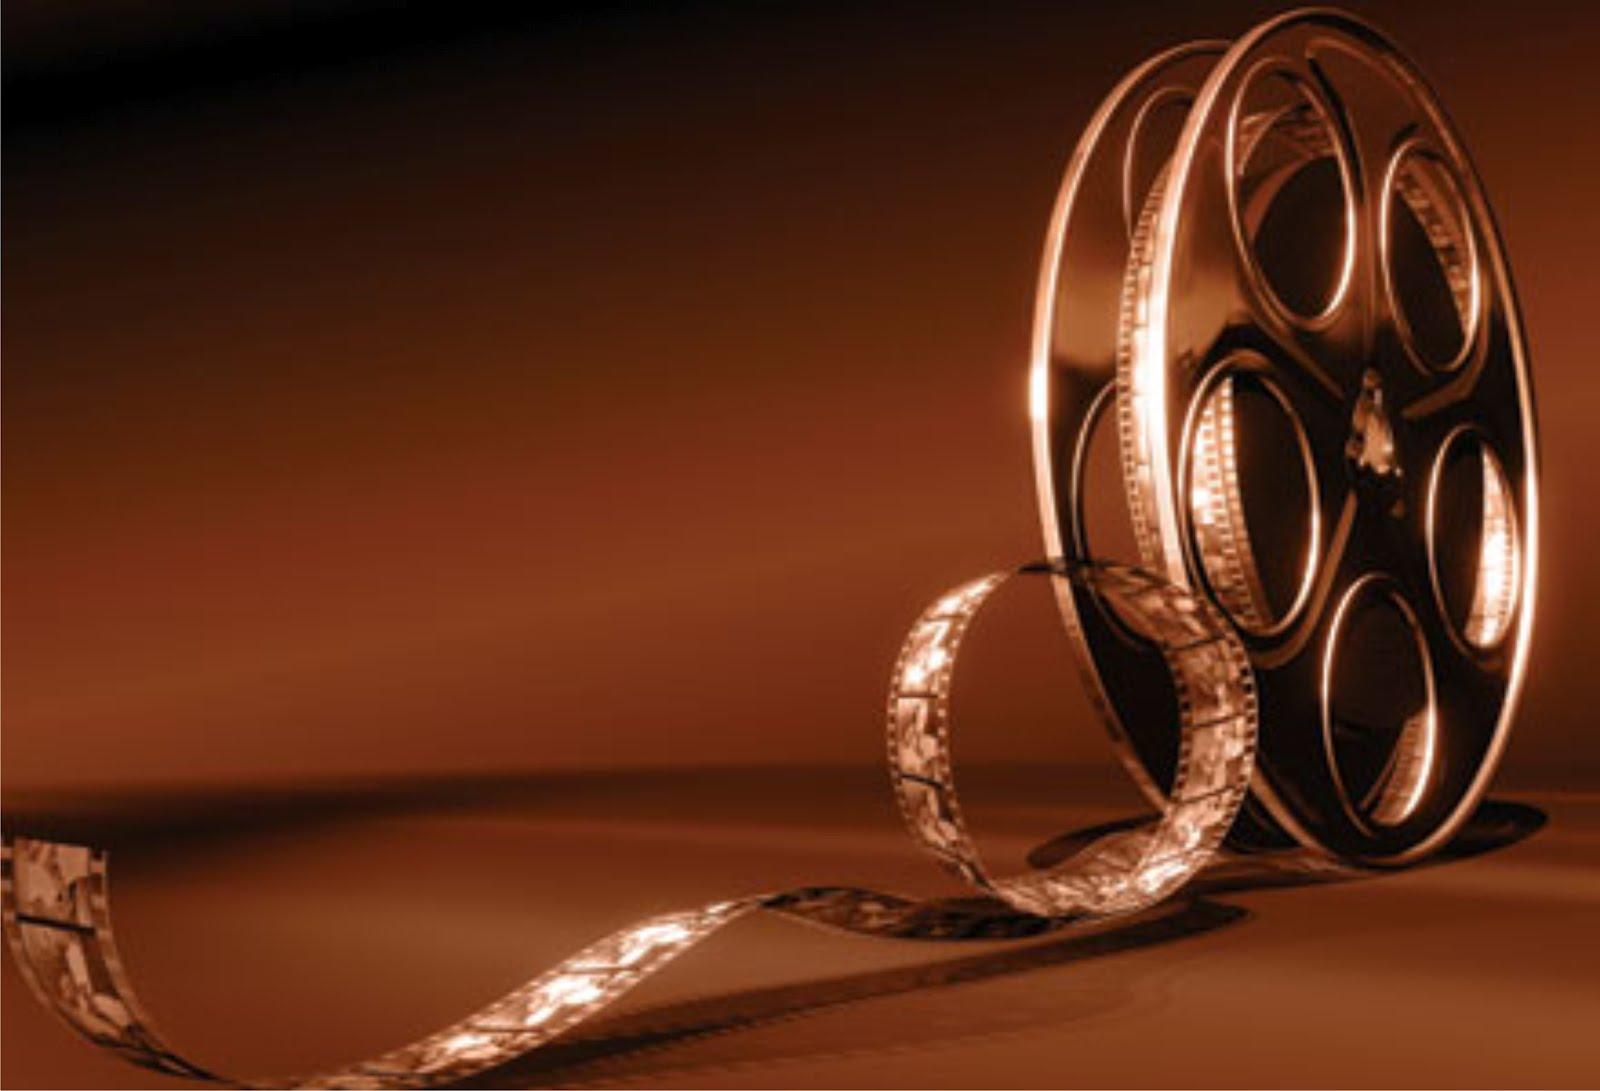 Mostra de Cinema e Direitos Humanos acontecerá em Florianópolis em novembro!